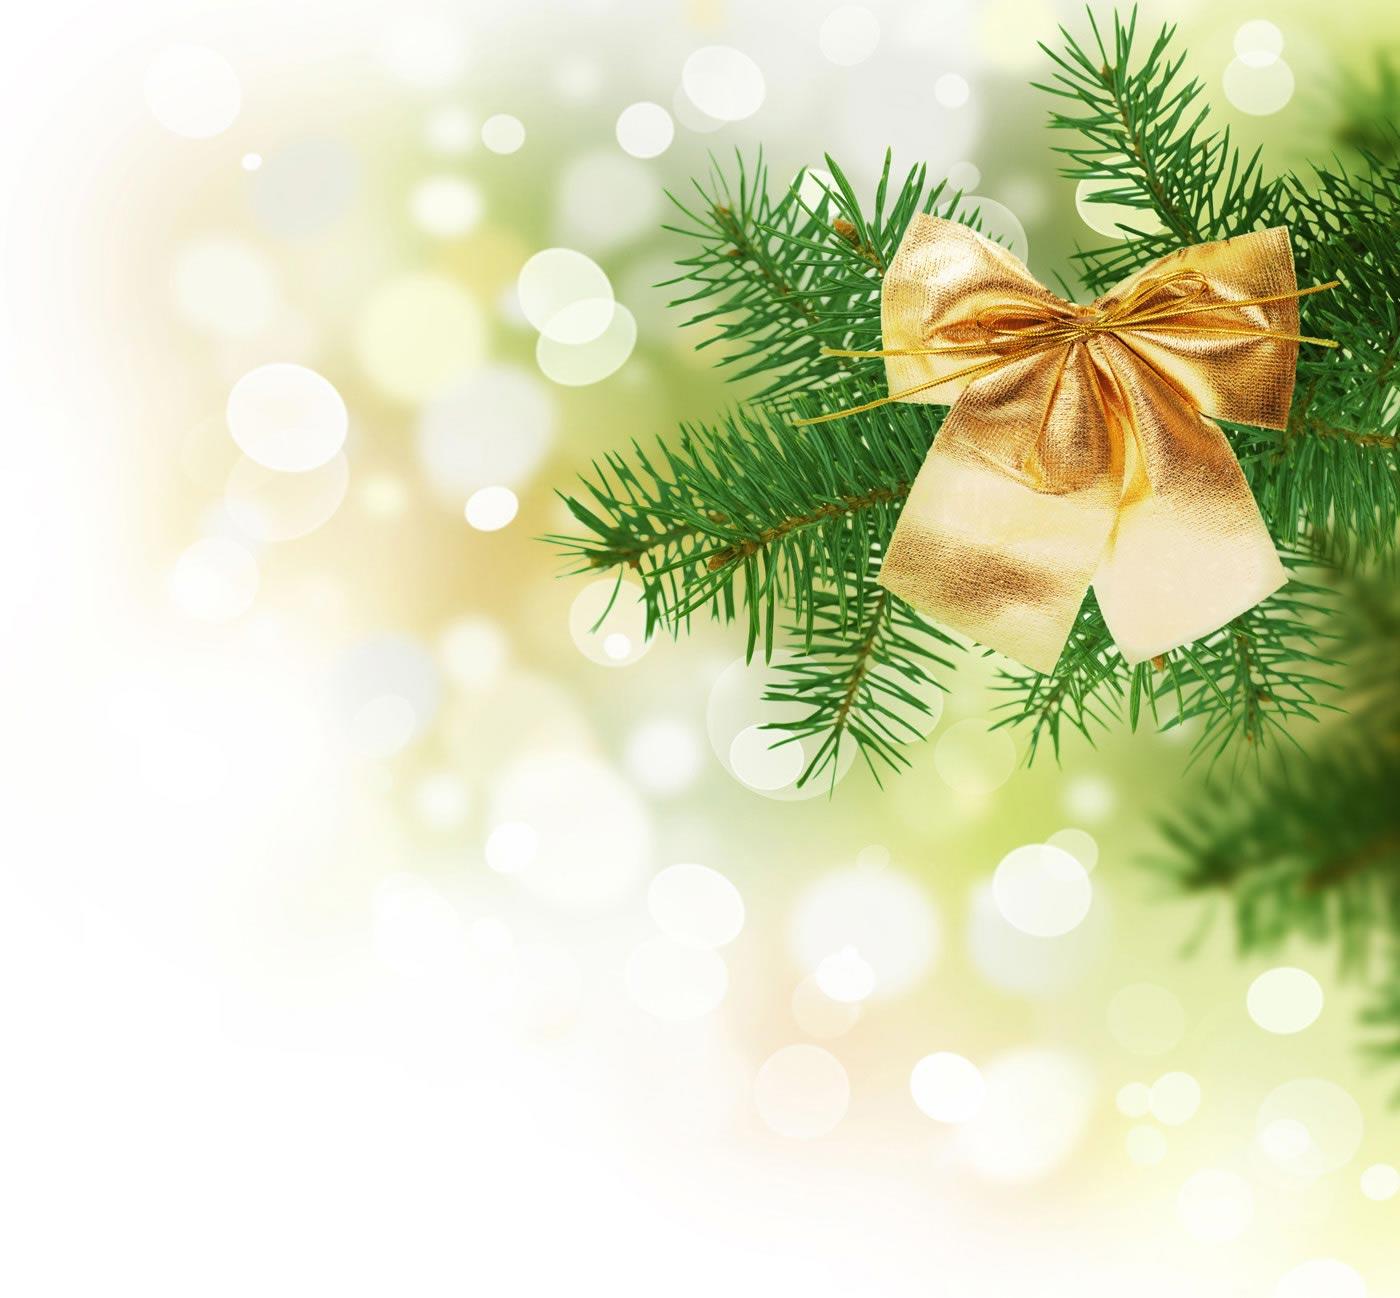 Tavola di natale con spazio vuoto per un prodotto. Sfondi Di Natale Oro Christmas Golden Immagini 24 Il Magico Mondo Dei Sogni